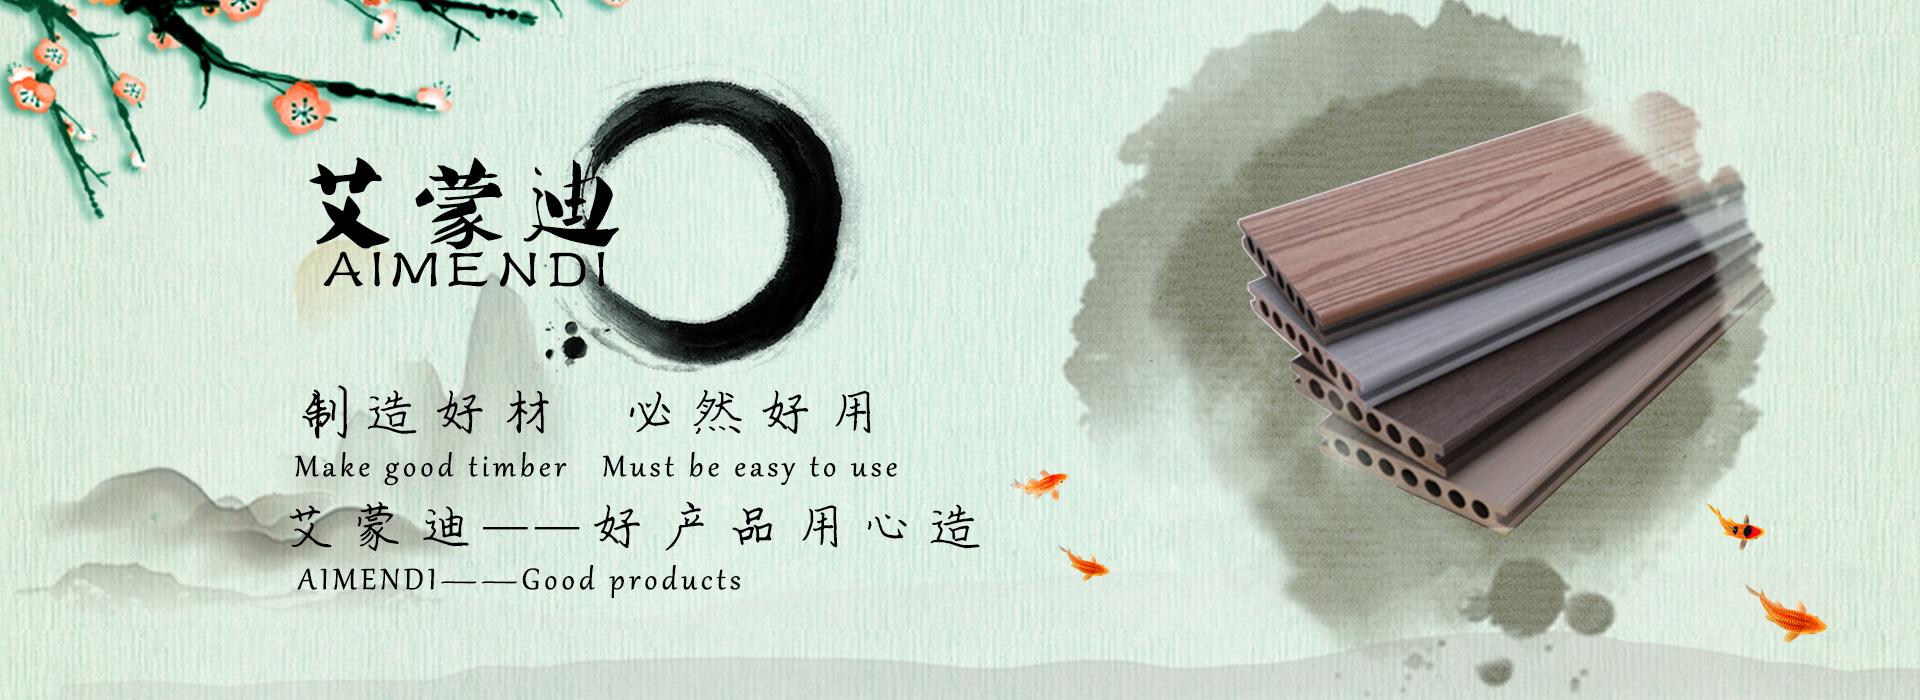 江苏艾蒙迪塑木